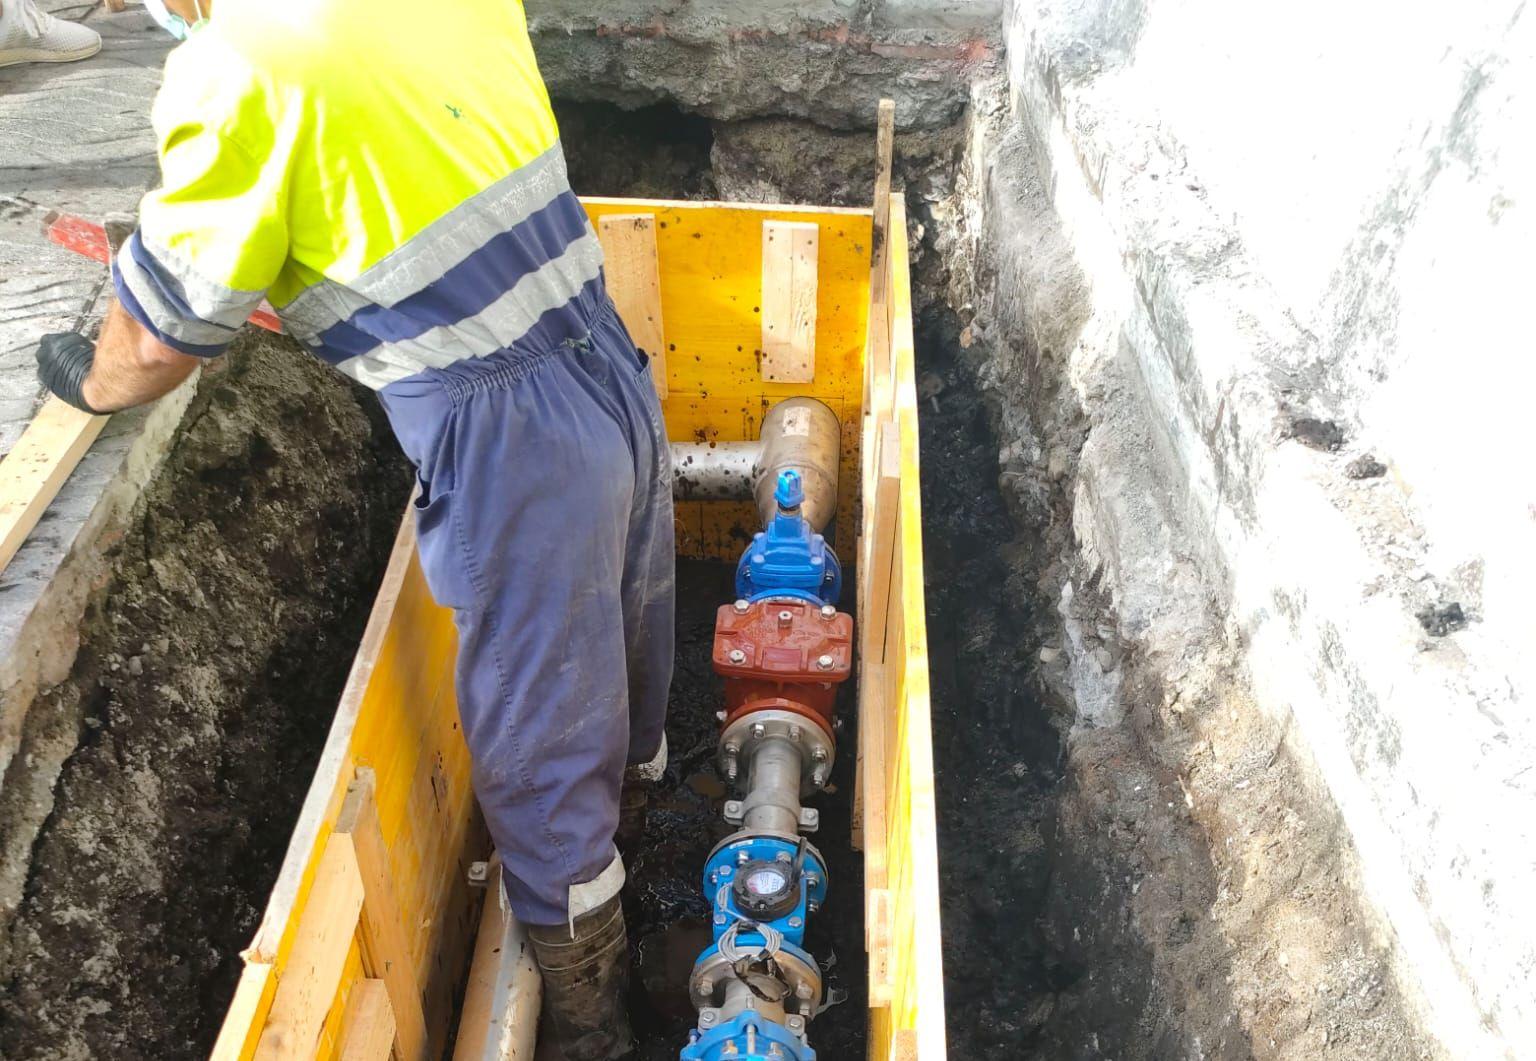 Instalados 7 equipos de medición na rede de abastecemento de auga de Burela para detectar con maior celeridade avarías ou posibles fugas